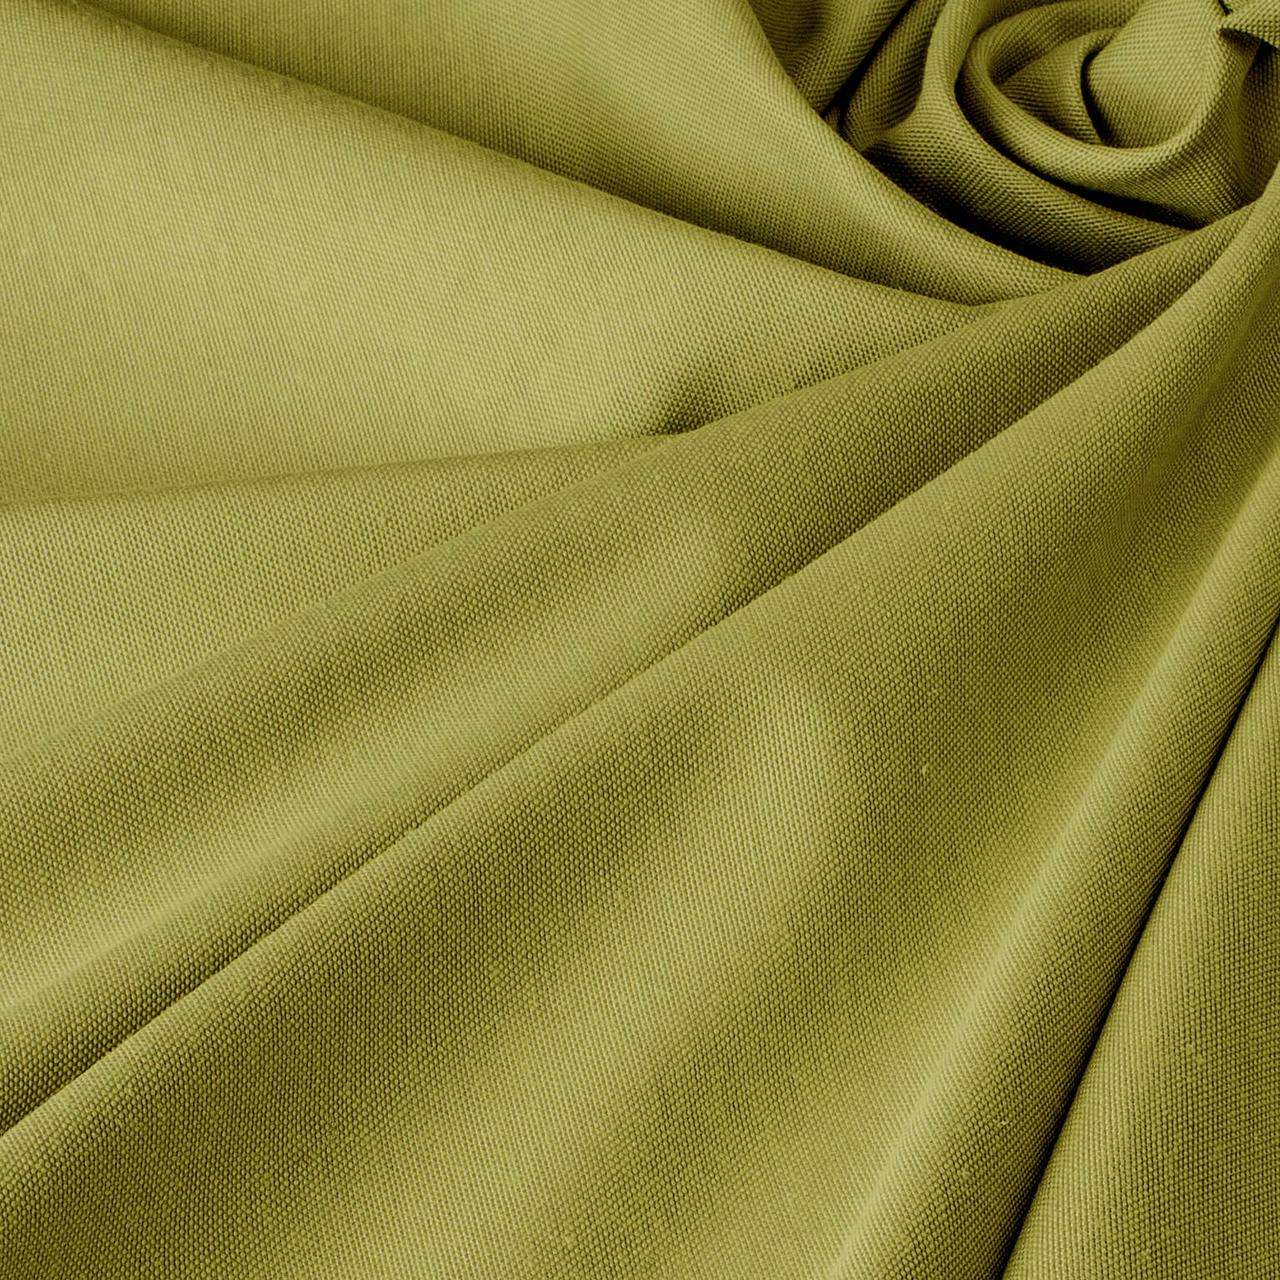 Ткань для штор и скатертей Teflon DRY v 3296